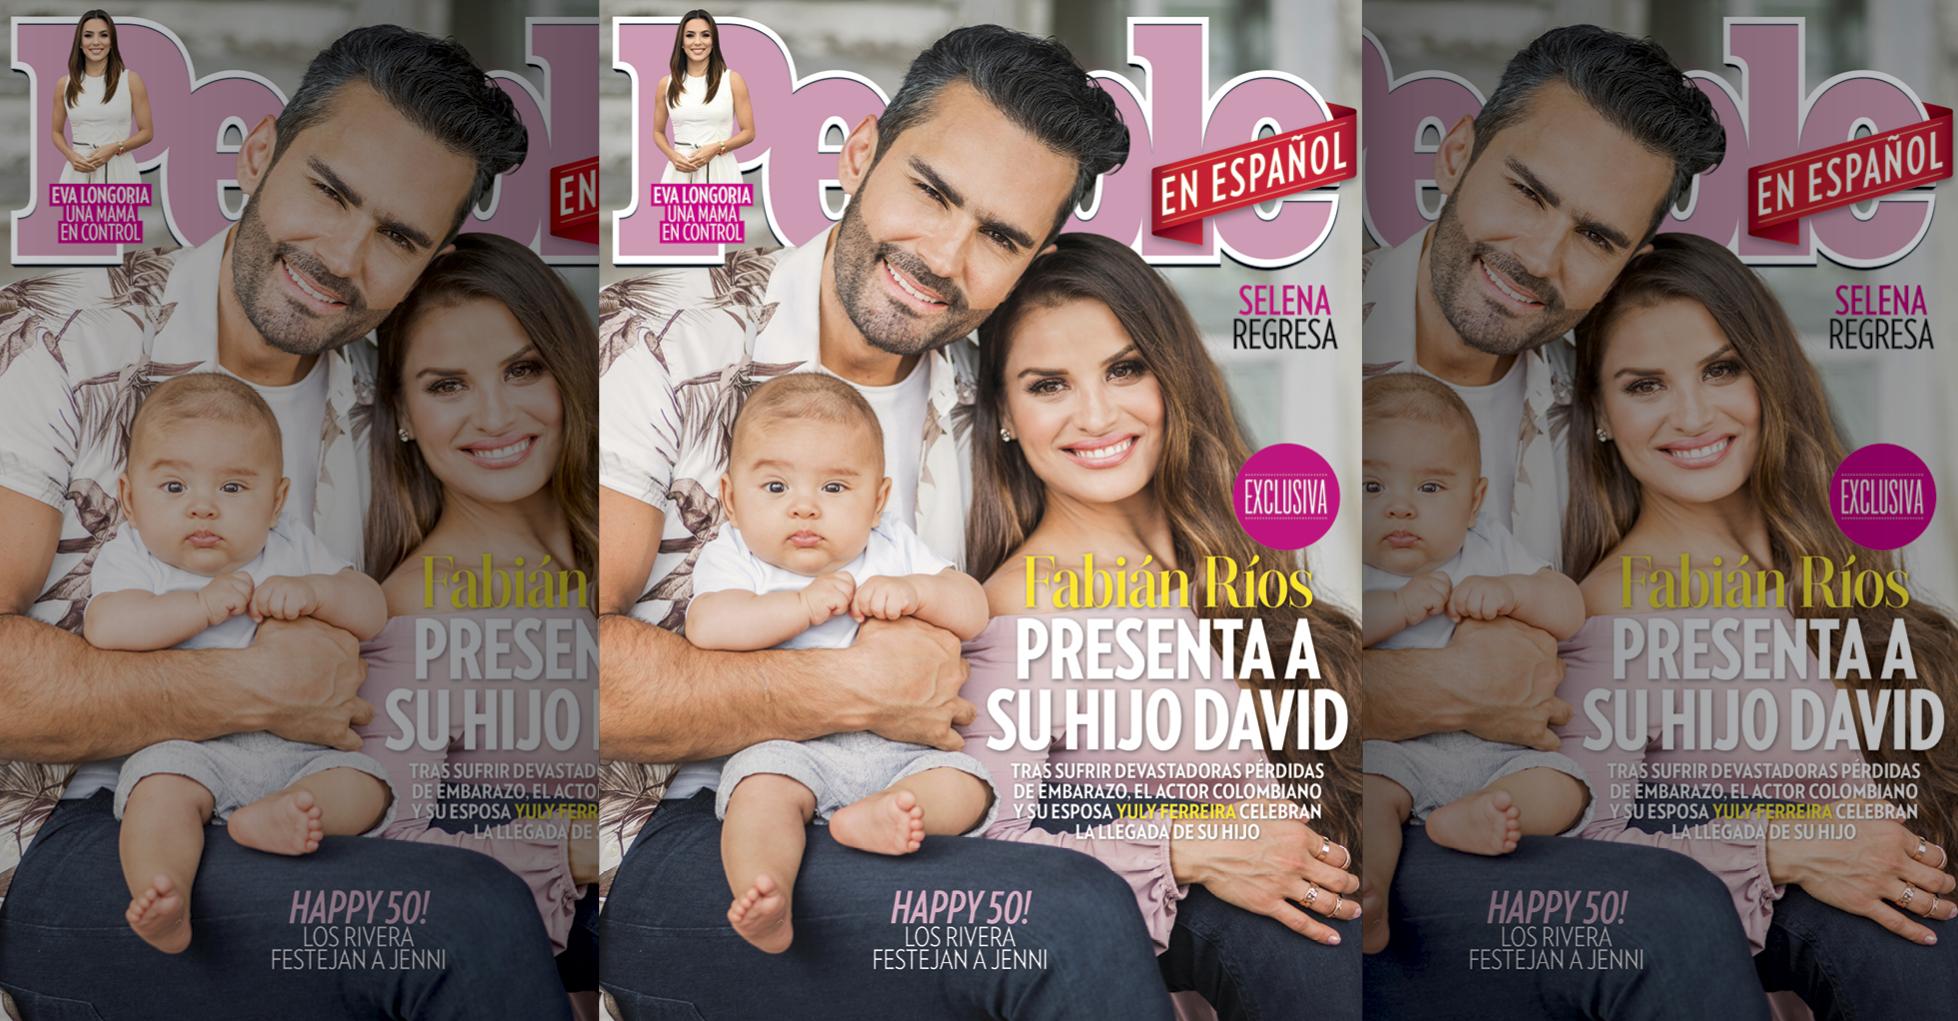 Fabian Rios y familia en la portada de People En Español